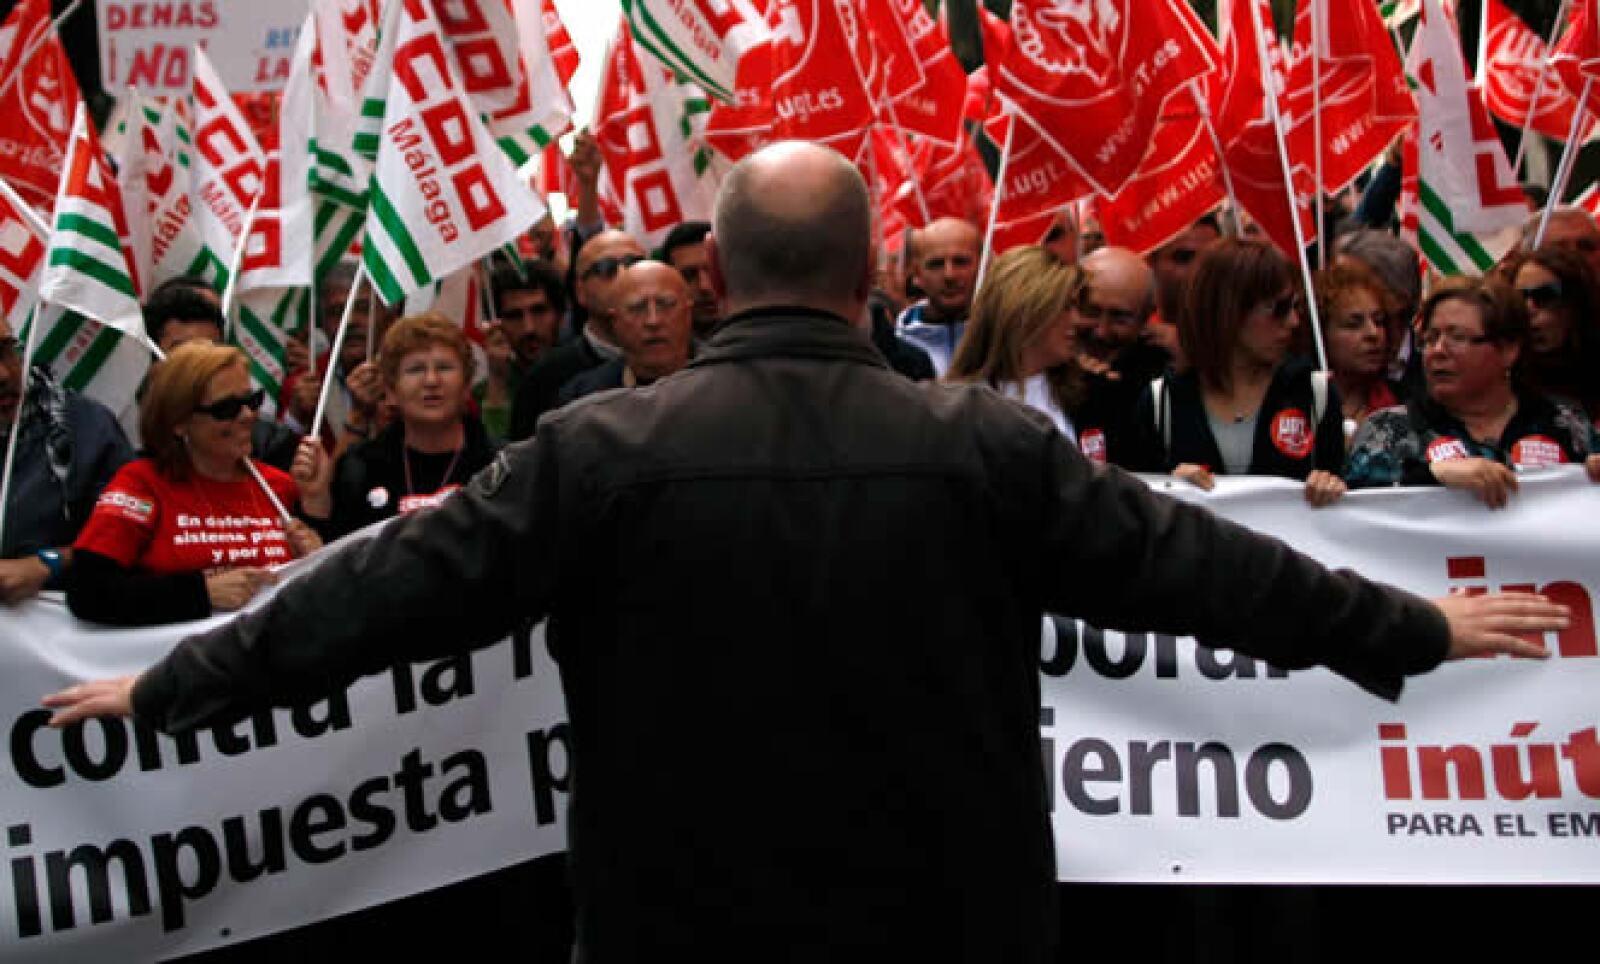 Los trabajadores protestan contra las reformas laborales que implementó el Gobierno de Mariano Rajoy.